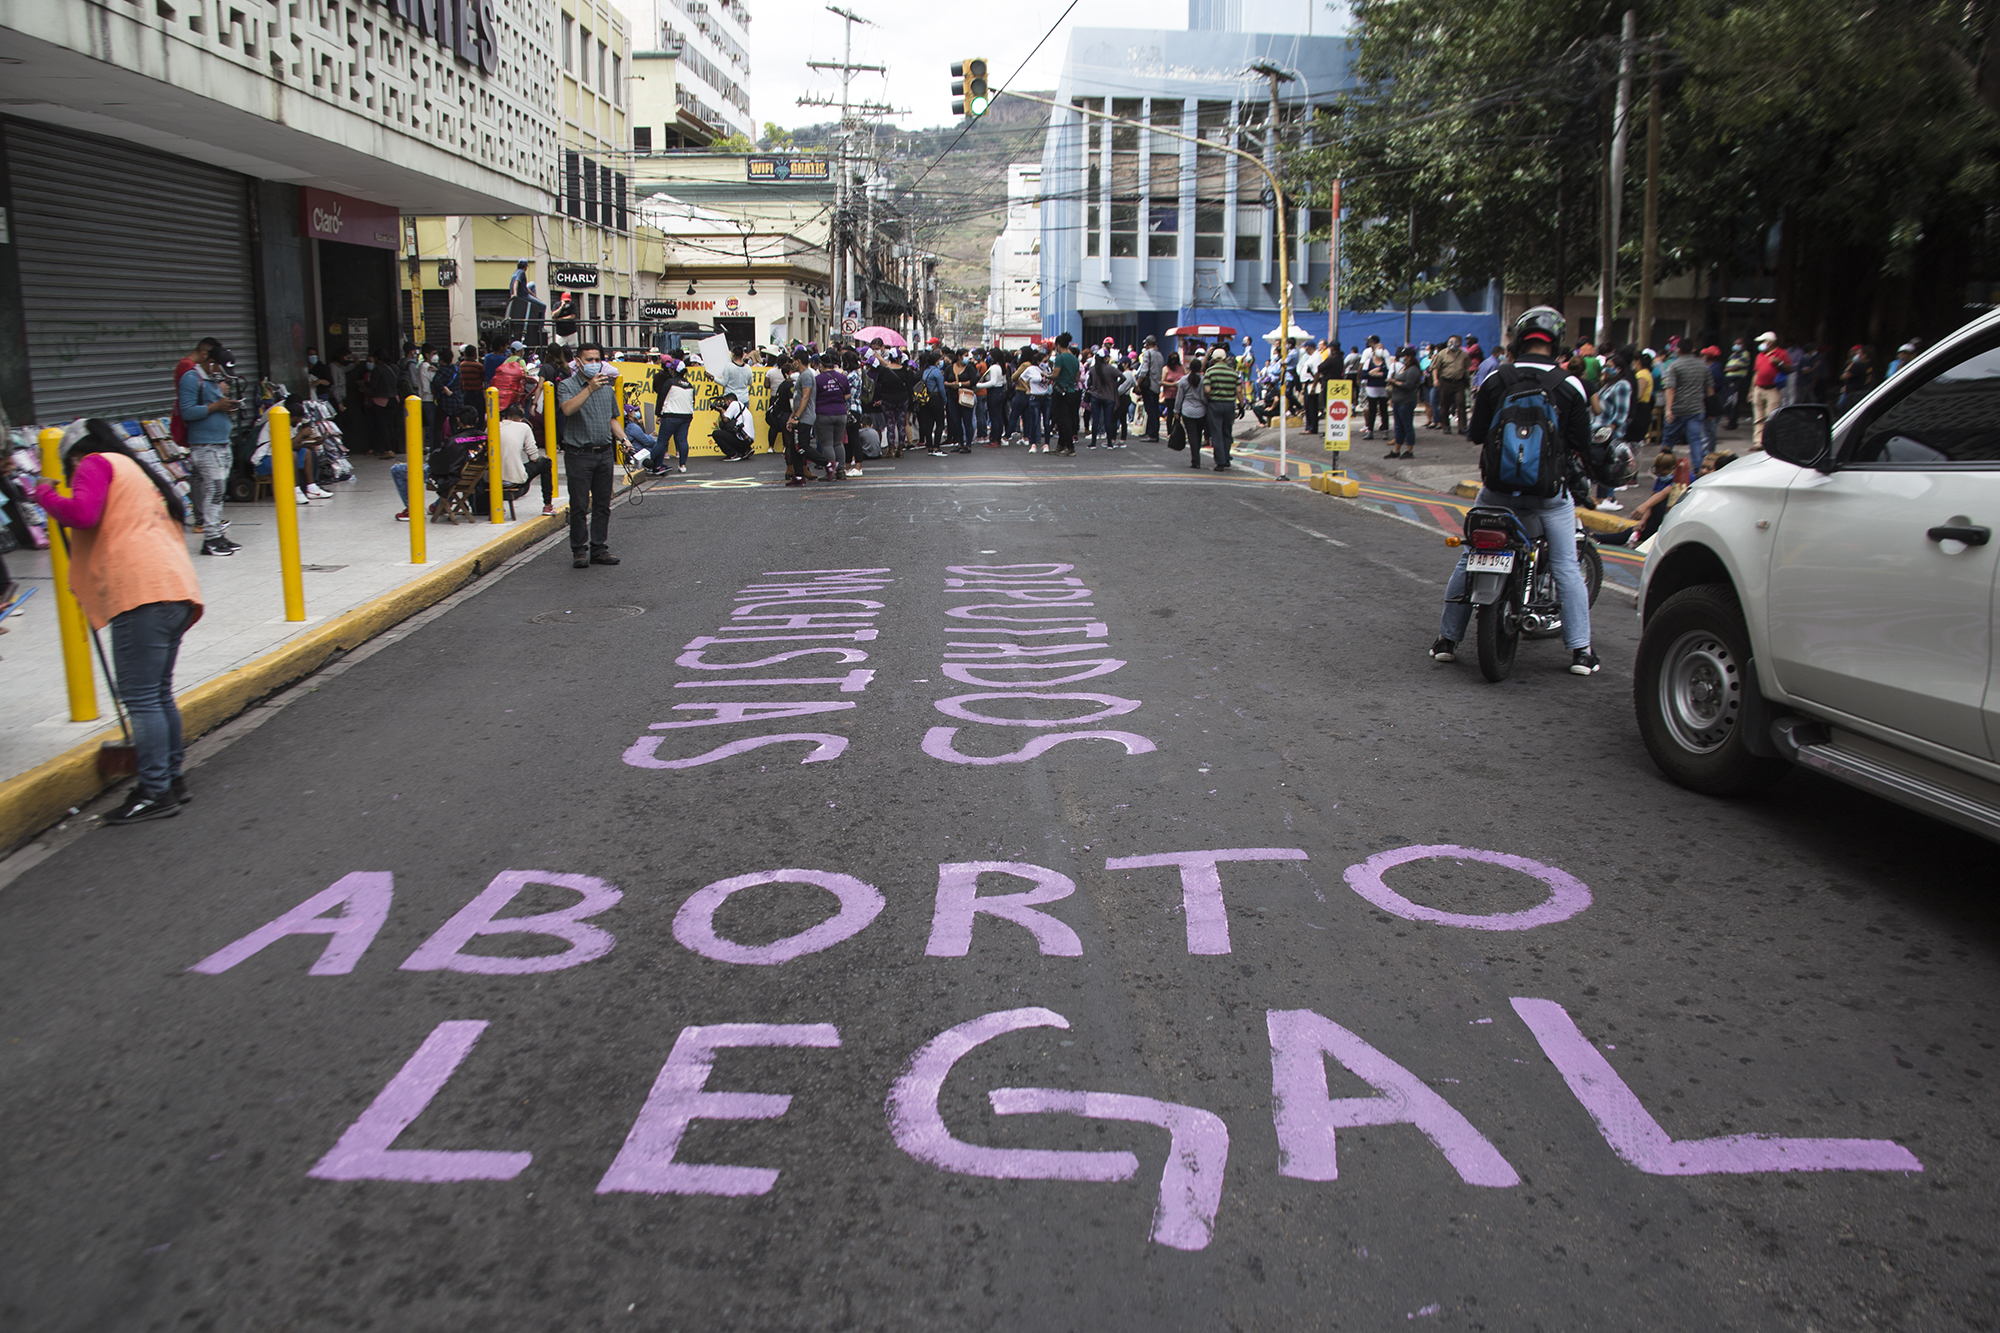 Pinta en contra de los diputados y a favor del aborto realizada en la calle frente a la Catedral de Tegucigalpa, a causa del cordón policial que impidió seguir la movilización hasta los bajos del Congreso. Tegucigalpa,  25 de enero de 2021. Foto: Ezequiel Sánchez / Contracorriente.